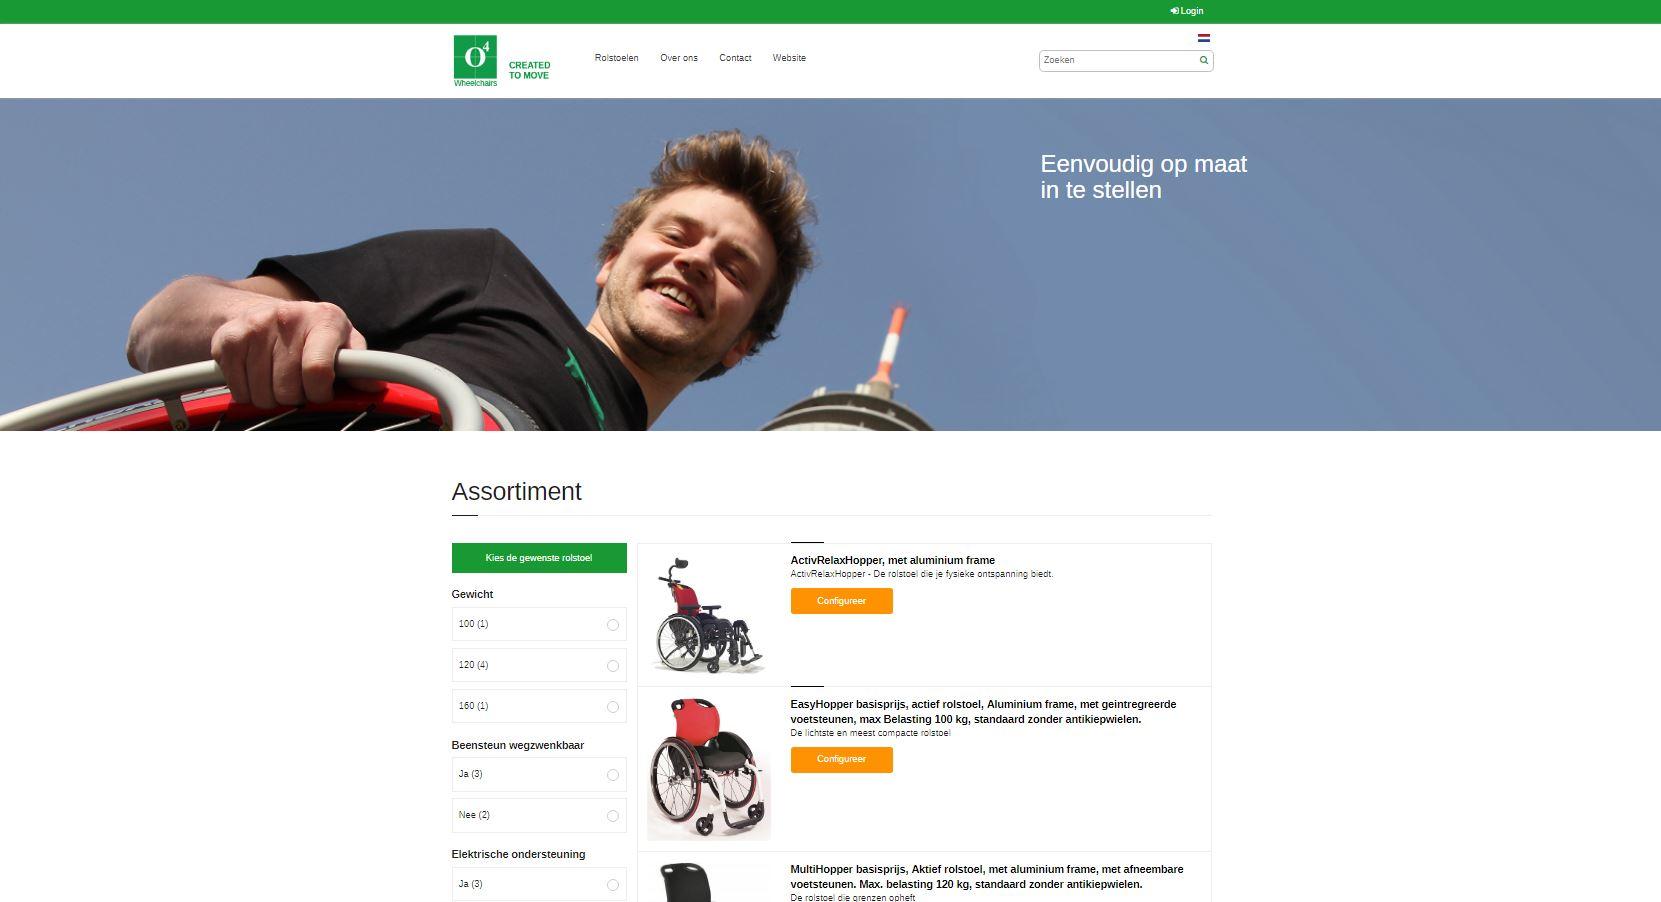 Online einen Rollstuhl konfigurieren – Probieren Sie es mal!